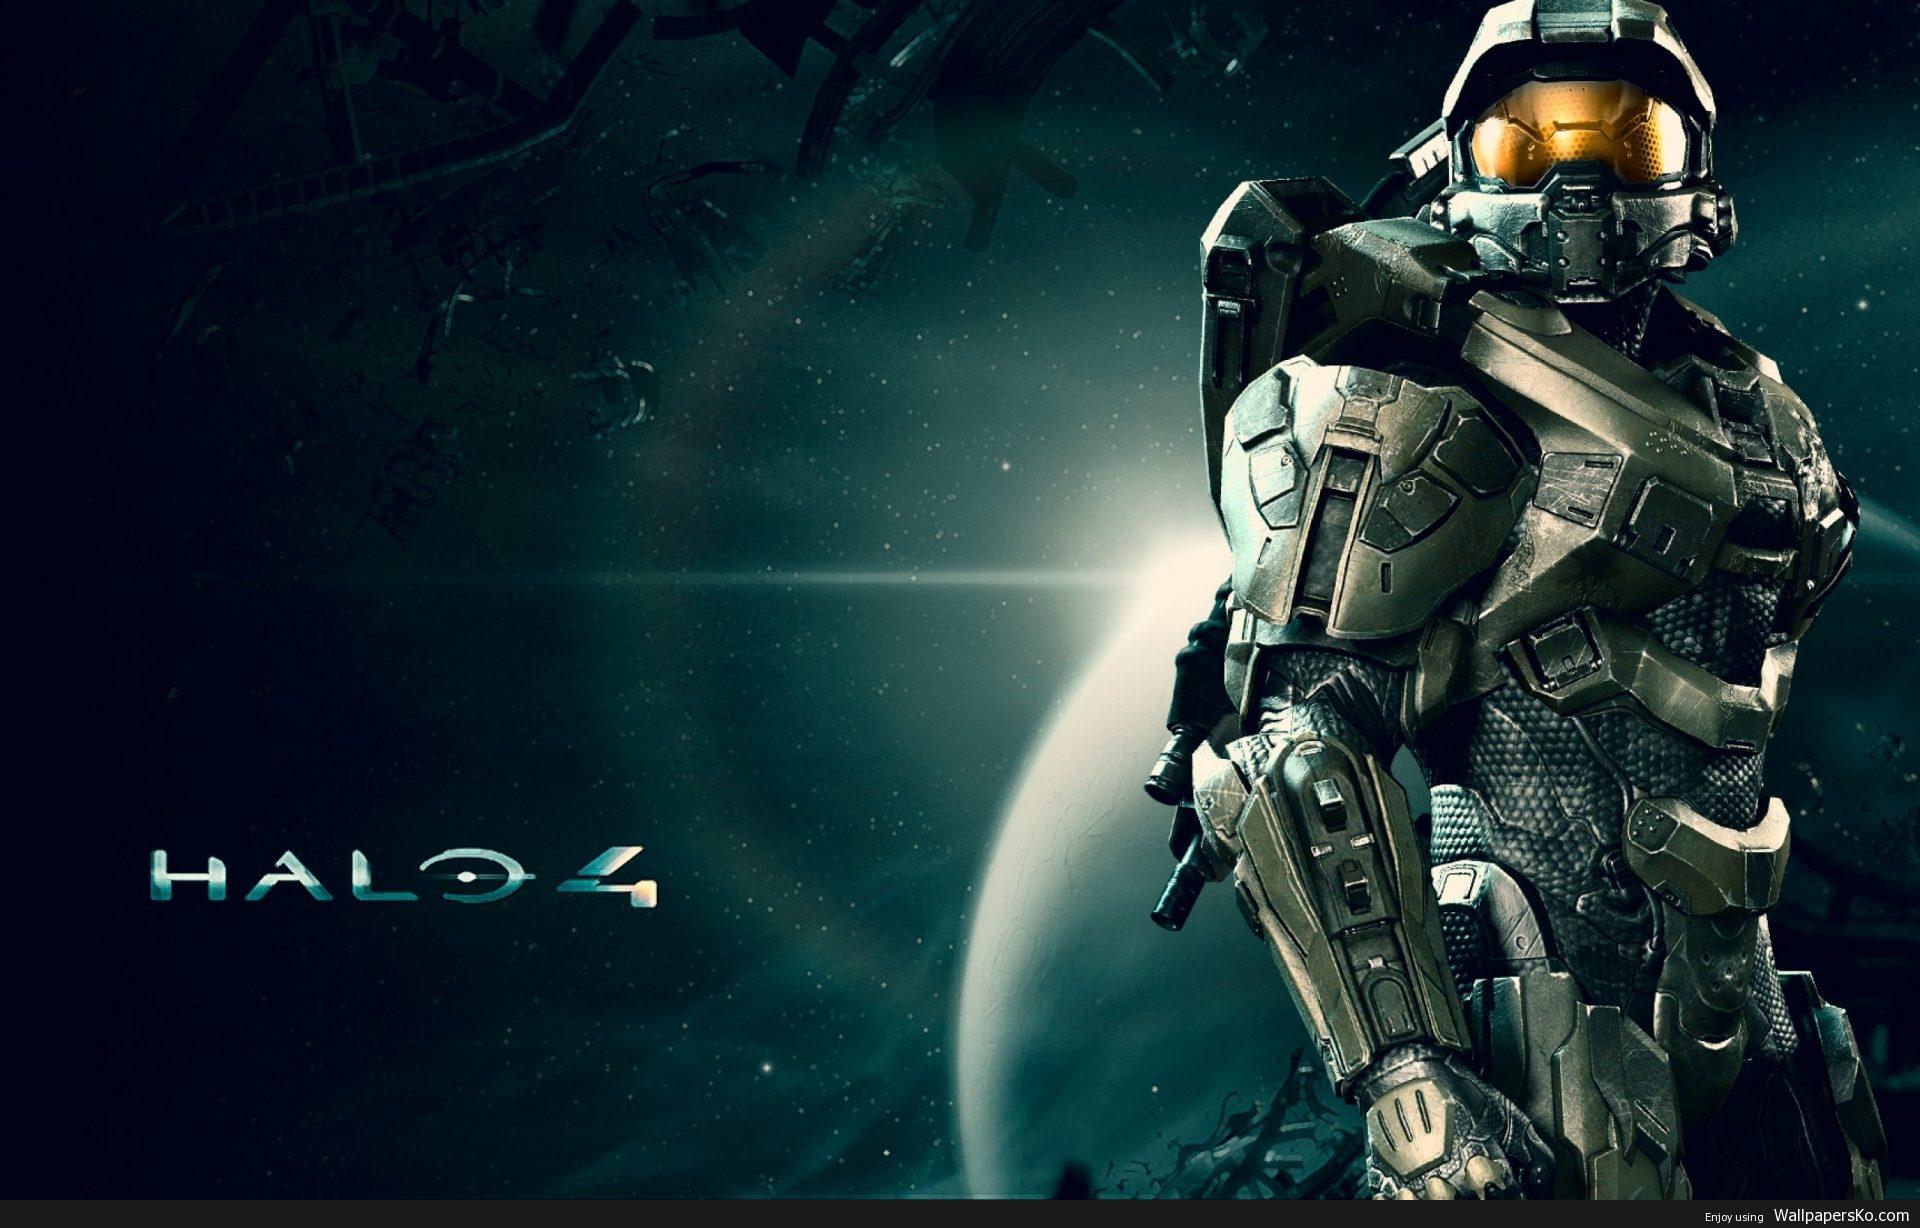 Halo 4 Background